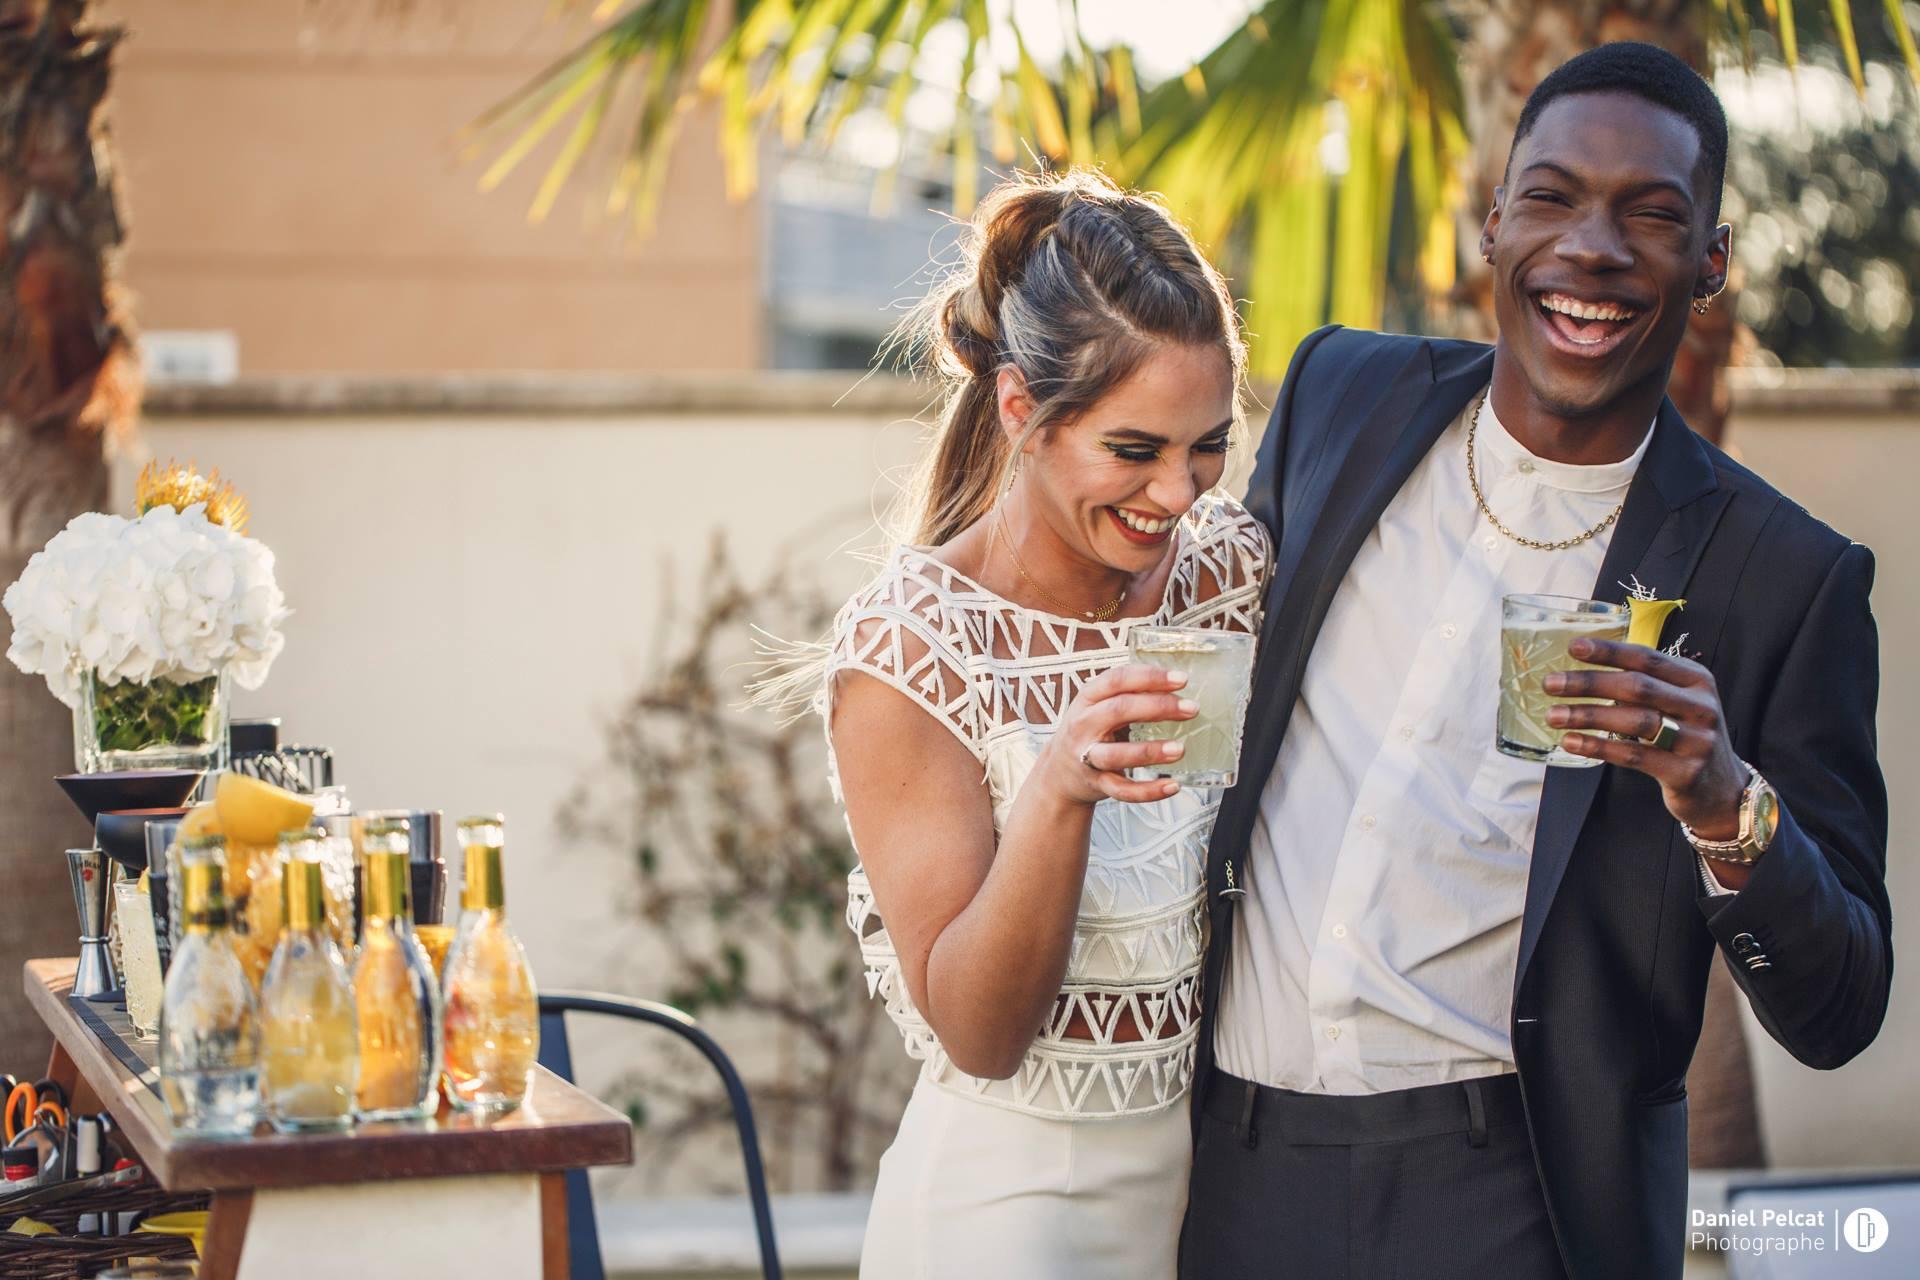 Wedding Inspiration Shooting Lemon Zest2